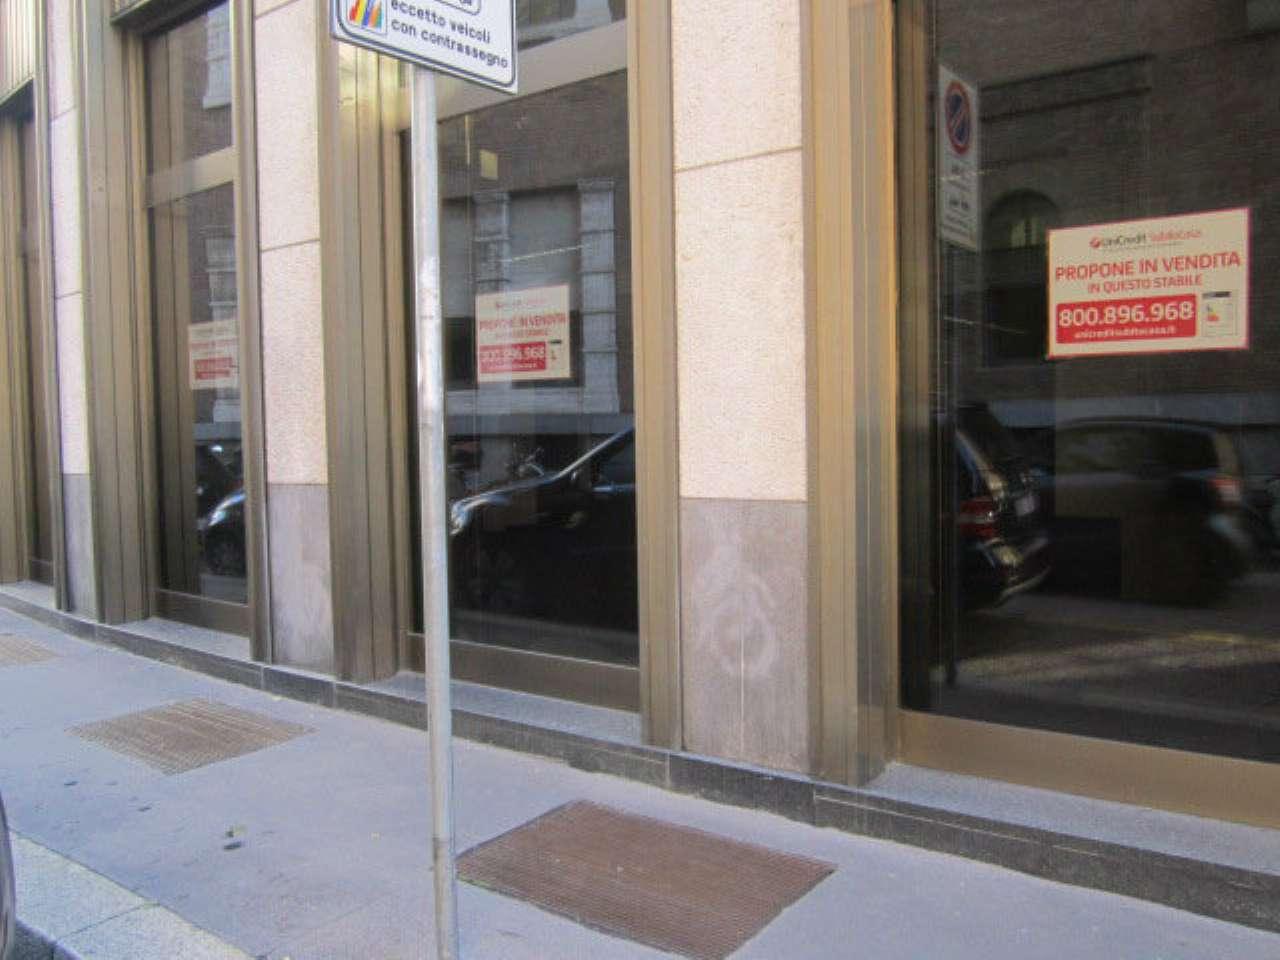 Centro storico - Ampio negozio con più vetrine fronte strada e cortile esclusivo, foto 0